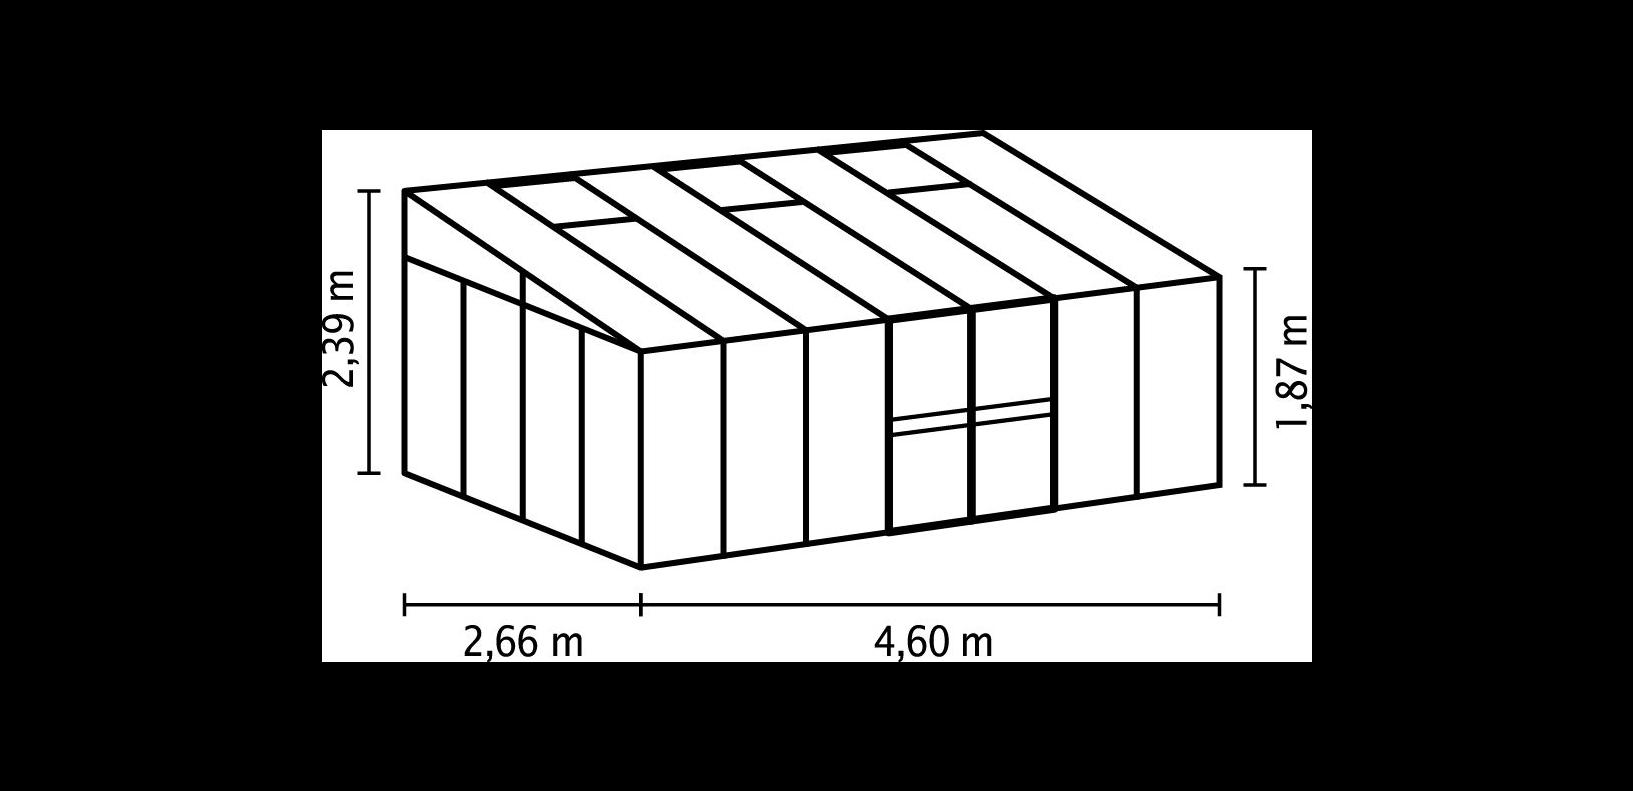 Vitavia-Gewaechshaus-Helena-6-9-m-11-9-m-Gartenhaus-Aluminium-Dachfenster Indexbild 4